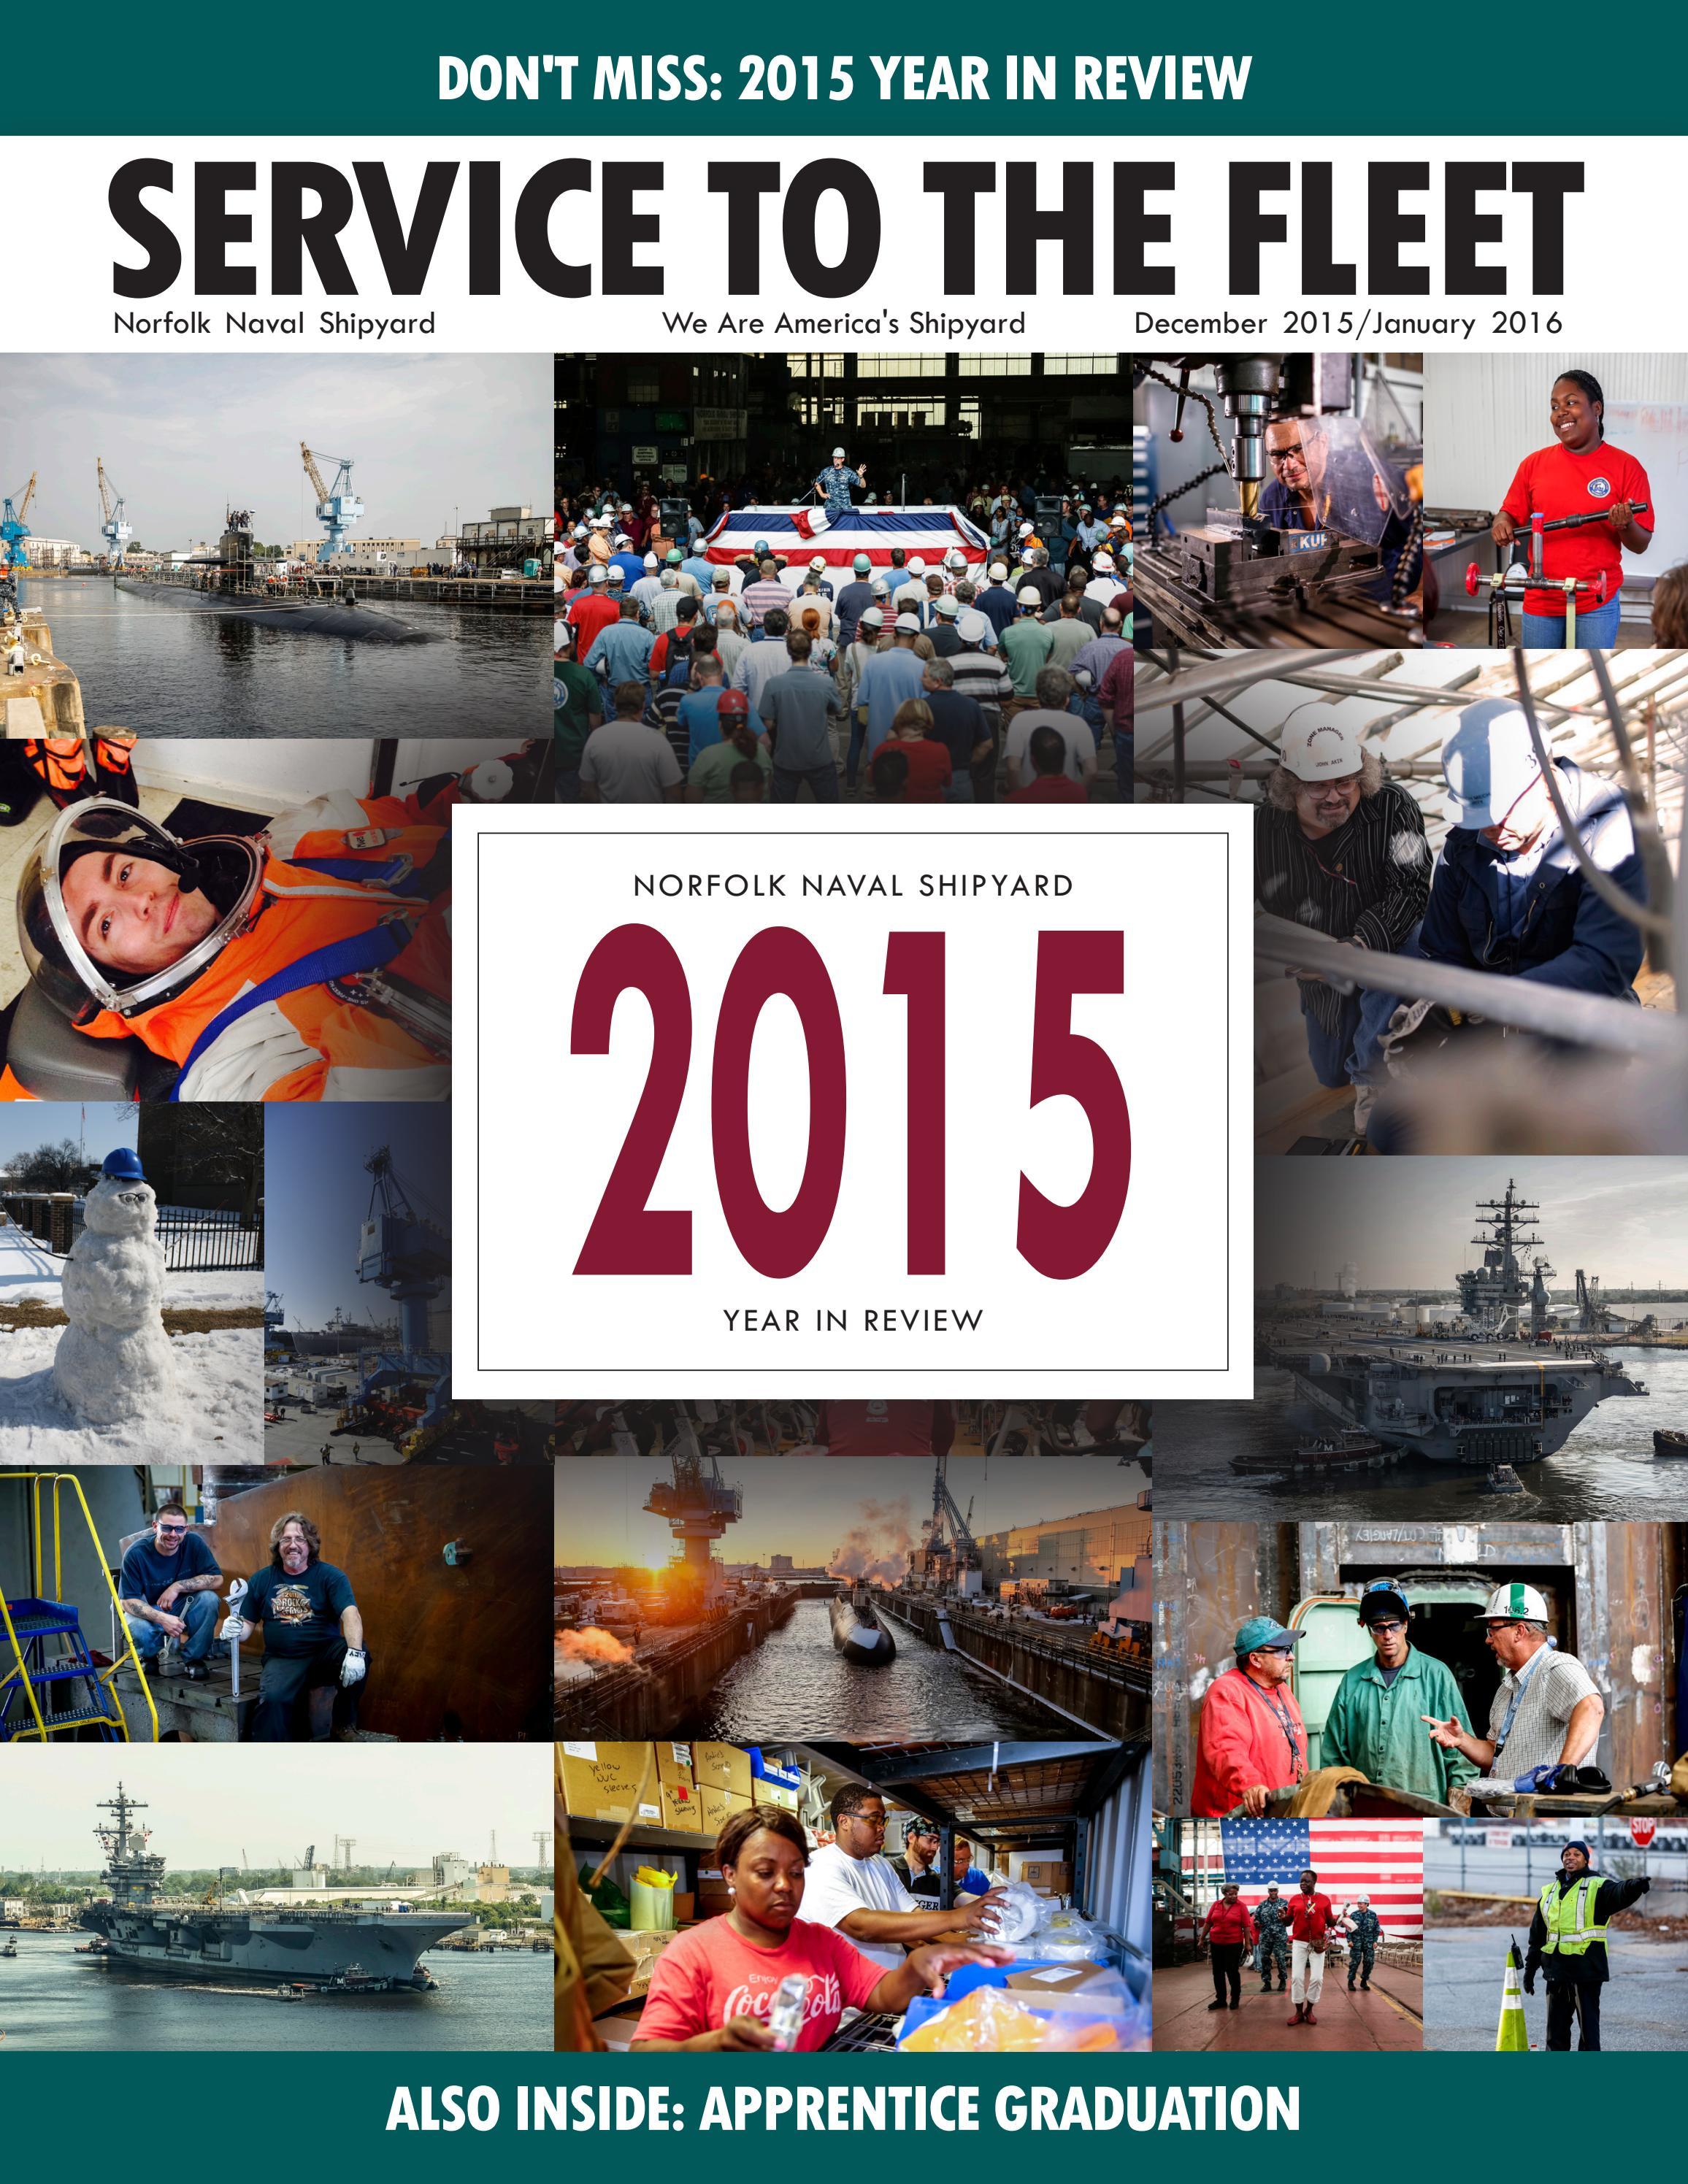 Service to the Fleet - Dec 2015/Jan 2016 by Norfolk Naval